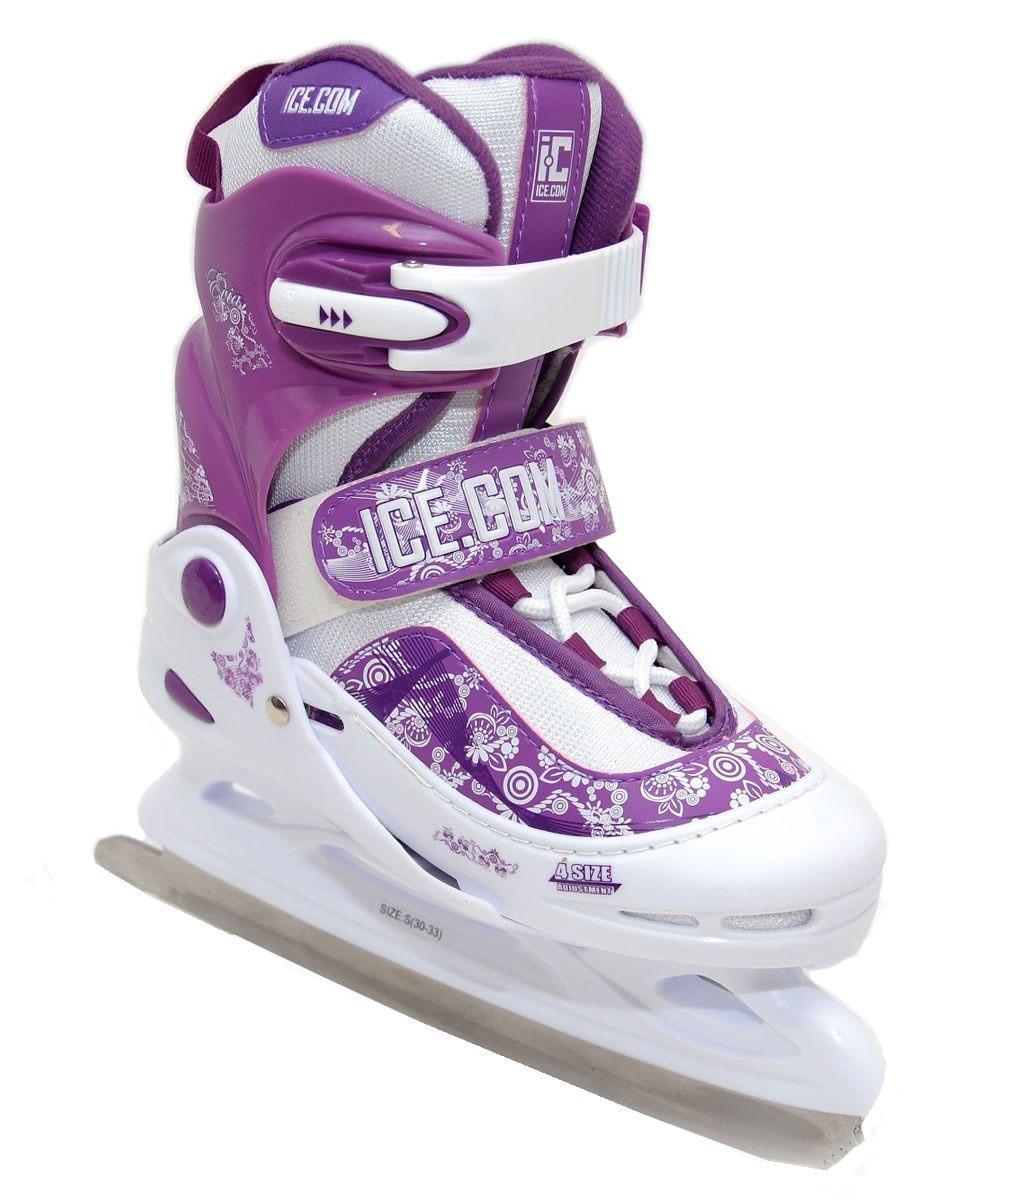 Коньки ледовые для девочки Ice.Com Evia, раздвижные, цвет: сиреневый, белый. Размер 30/33